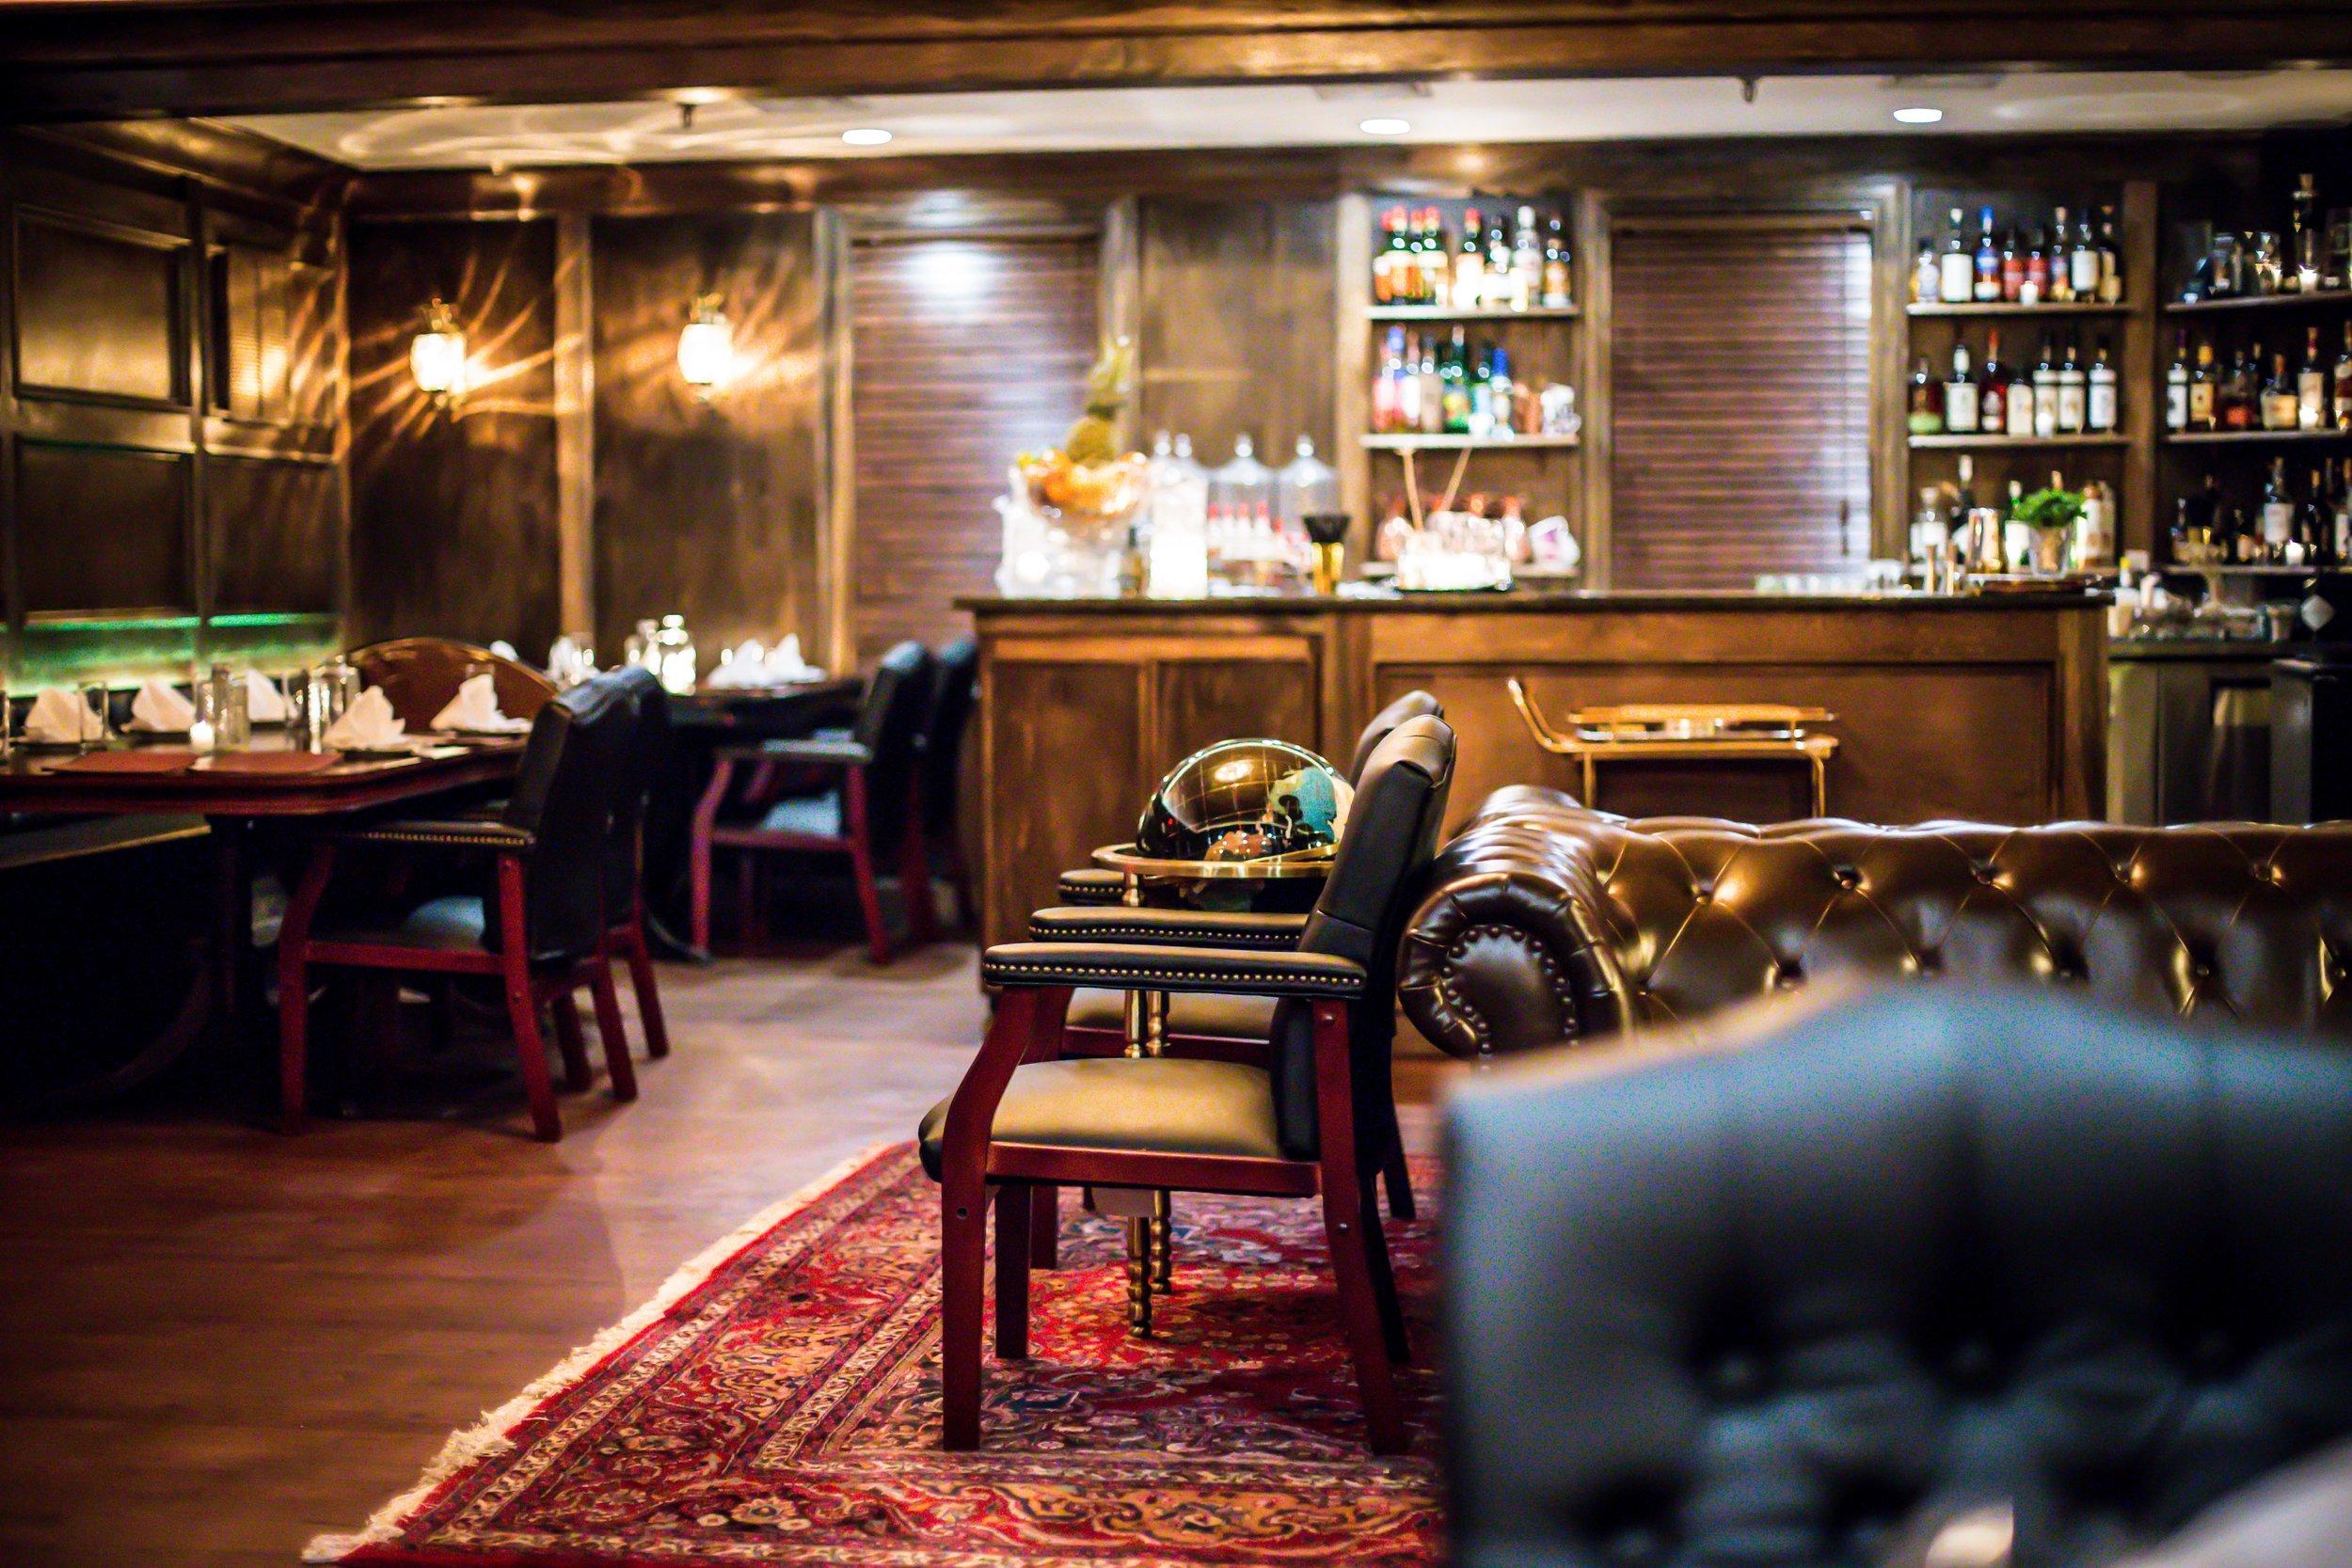 The Baldwin Bar at Sichuan GardenThe Baldwin Bar